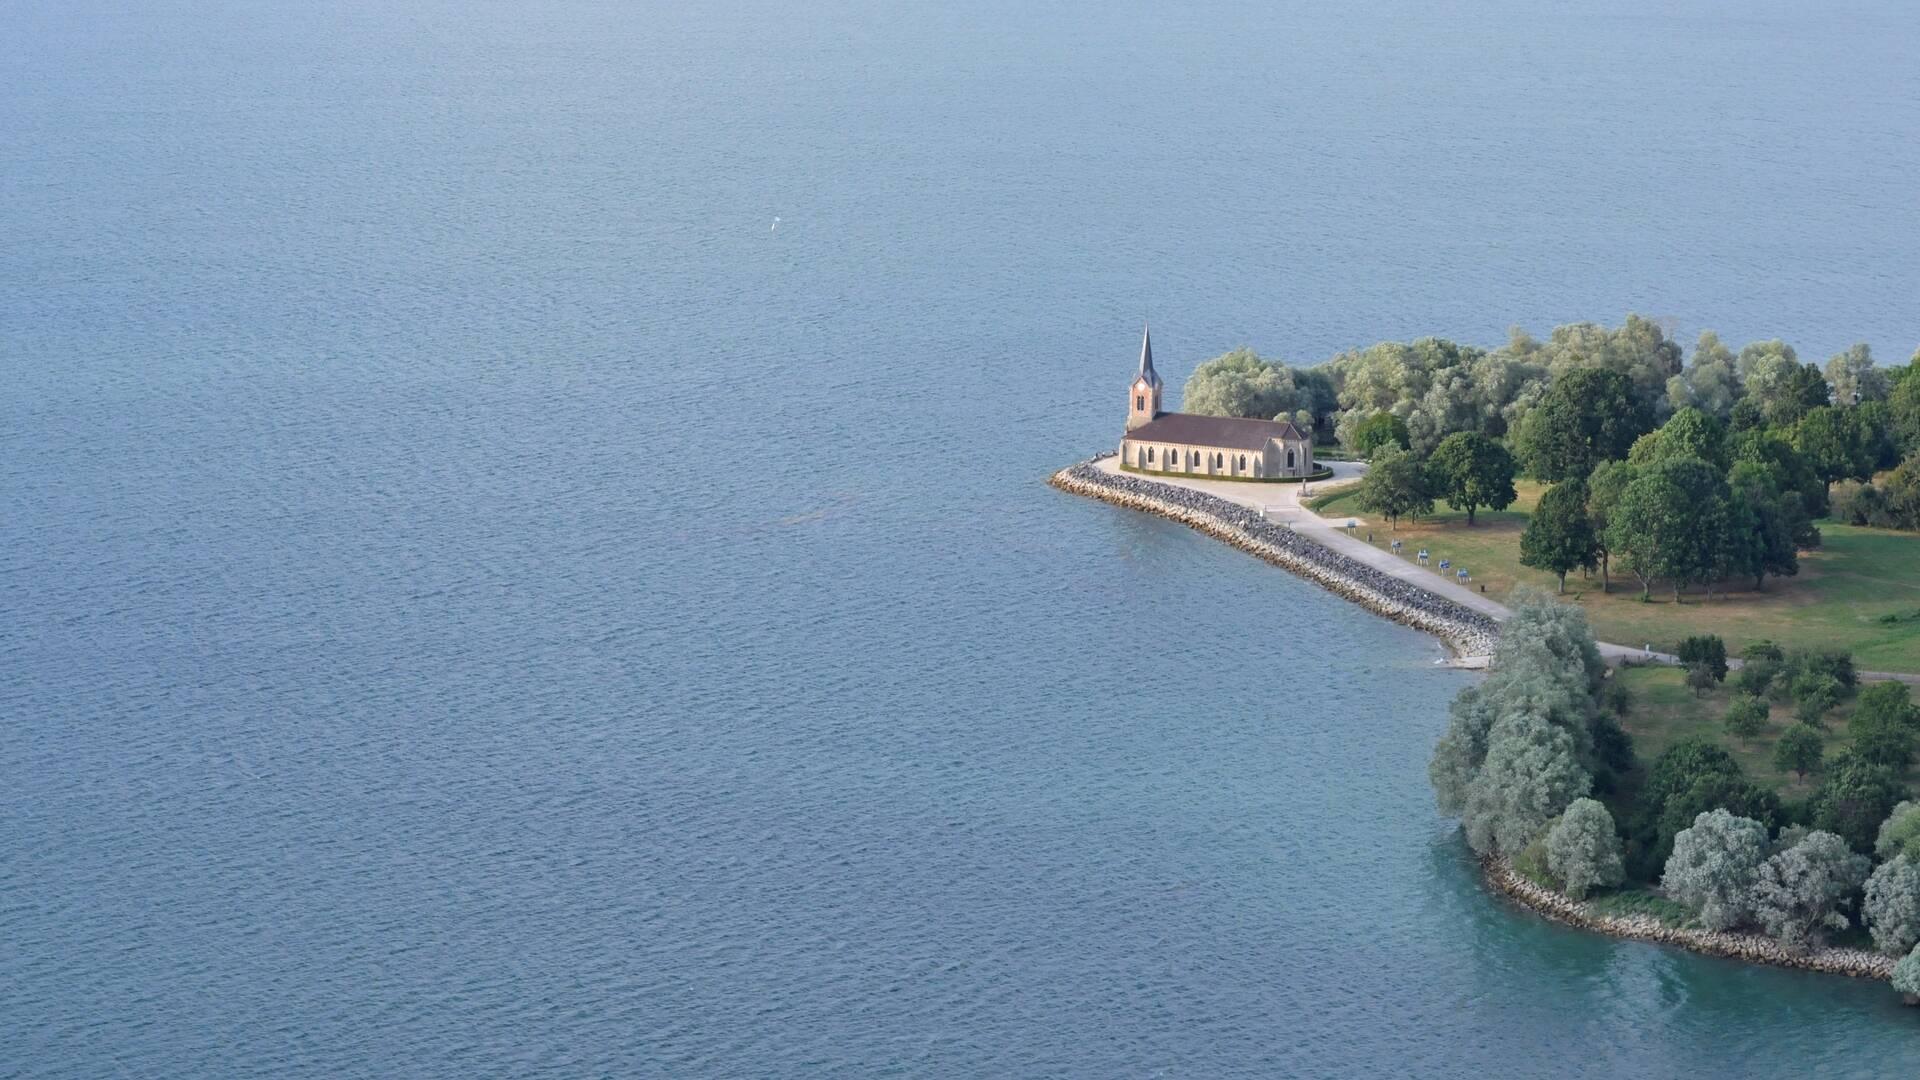 Pointe de la Presqu'île de Champaubert